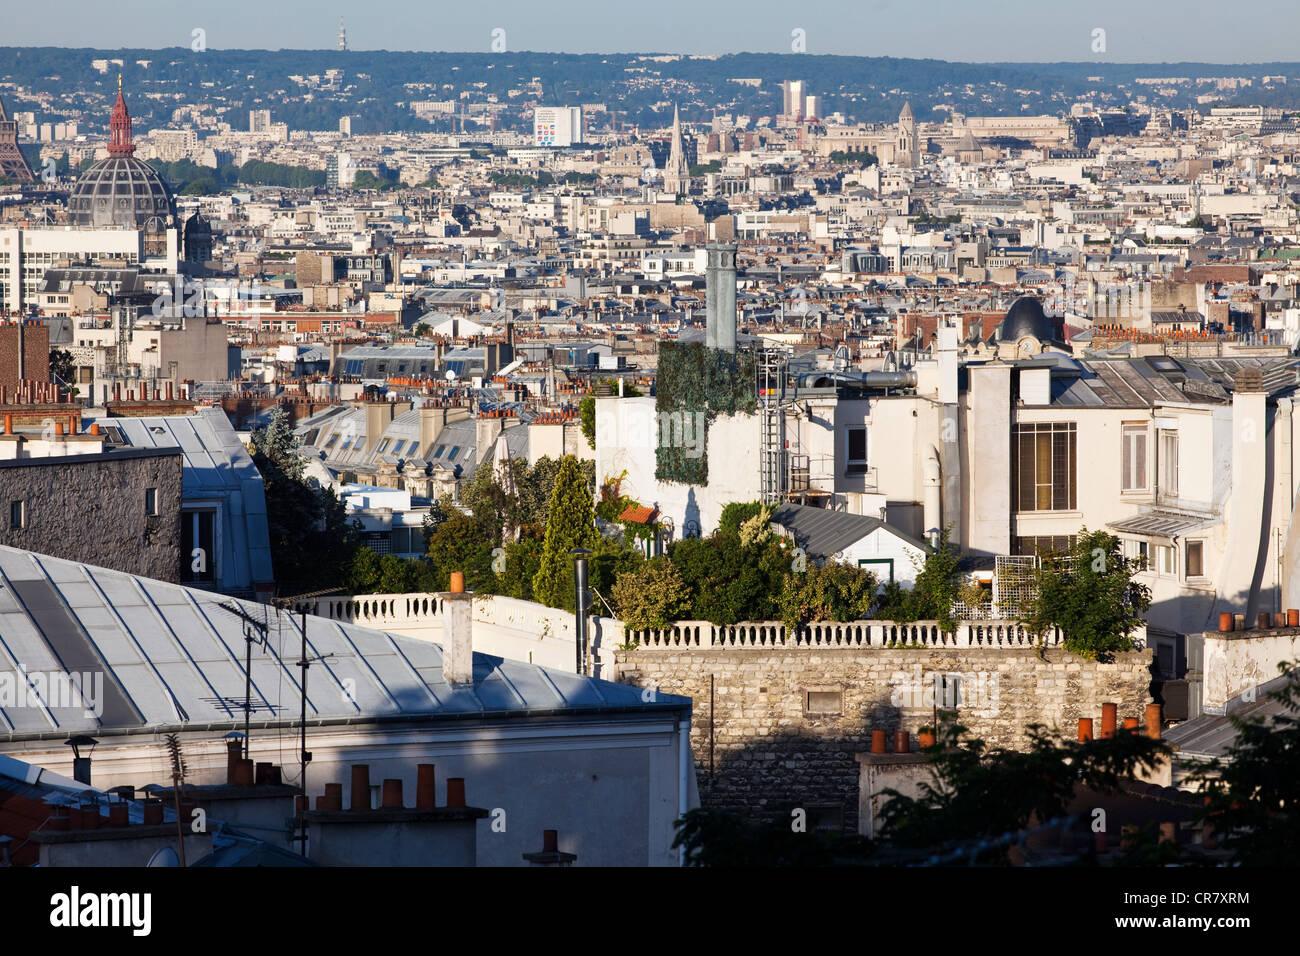 Frankreich, Paris, Blick auf die Stadt von den Höhen des Montmartre, auf einem Dach-Terrasse-grün Stockbild